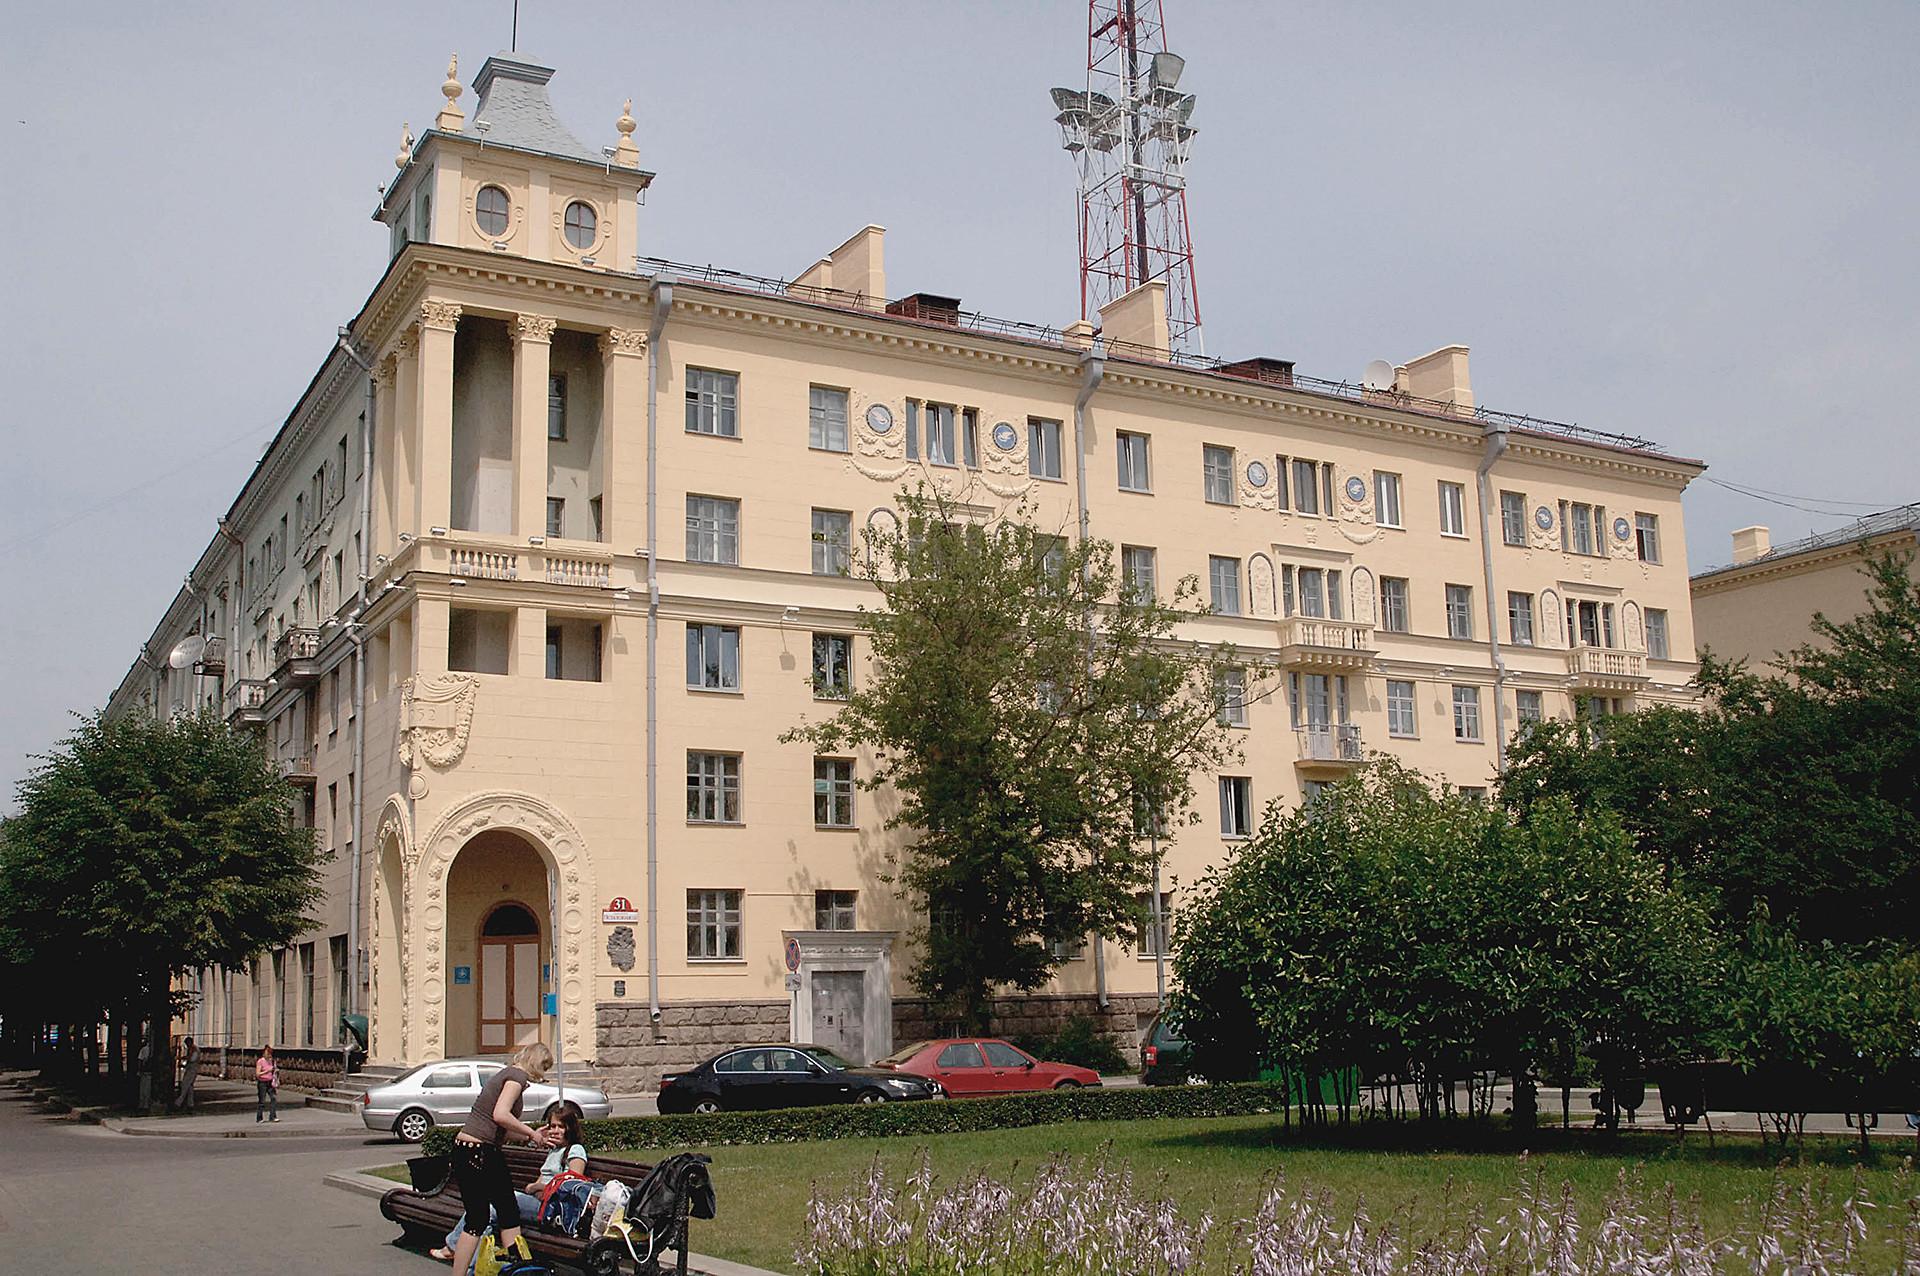 Building in Minsk (Belarus, ex-USSR), where Lee Harvey Oswald lived briedly.